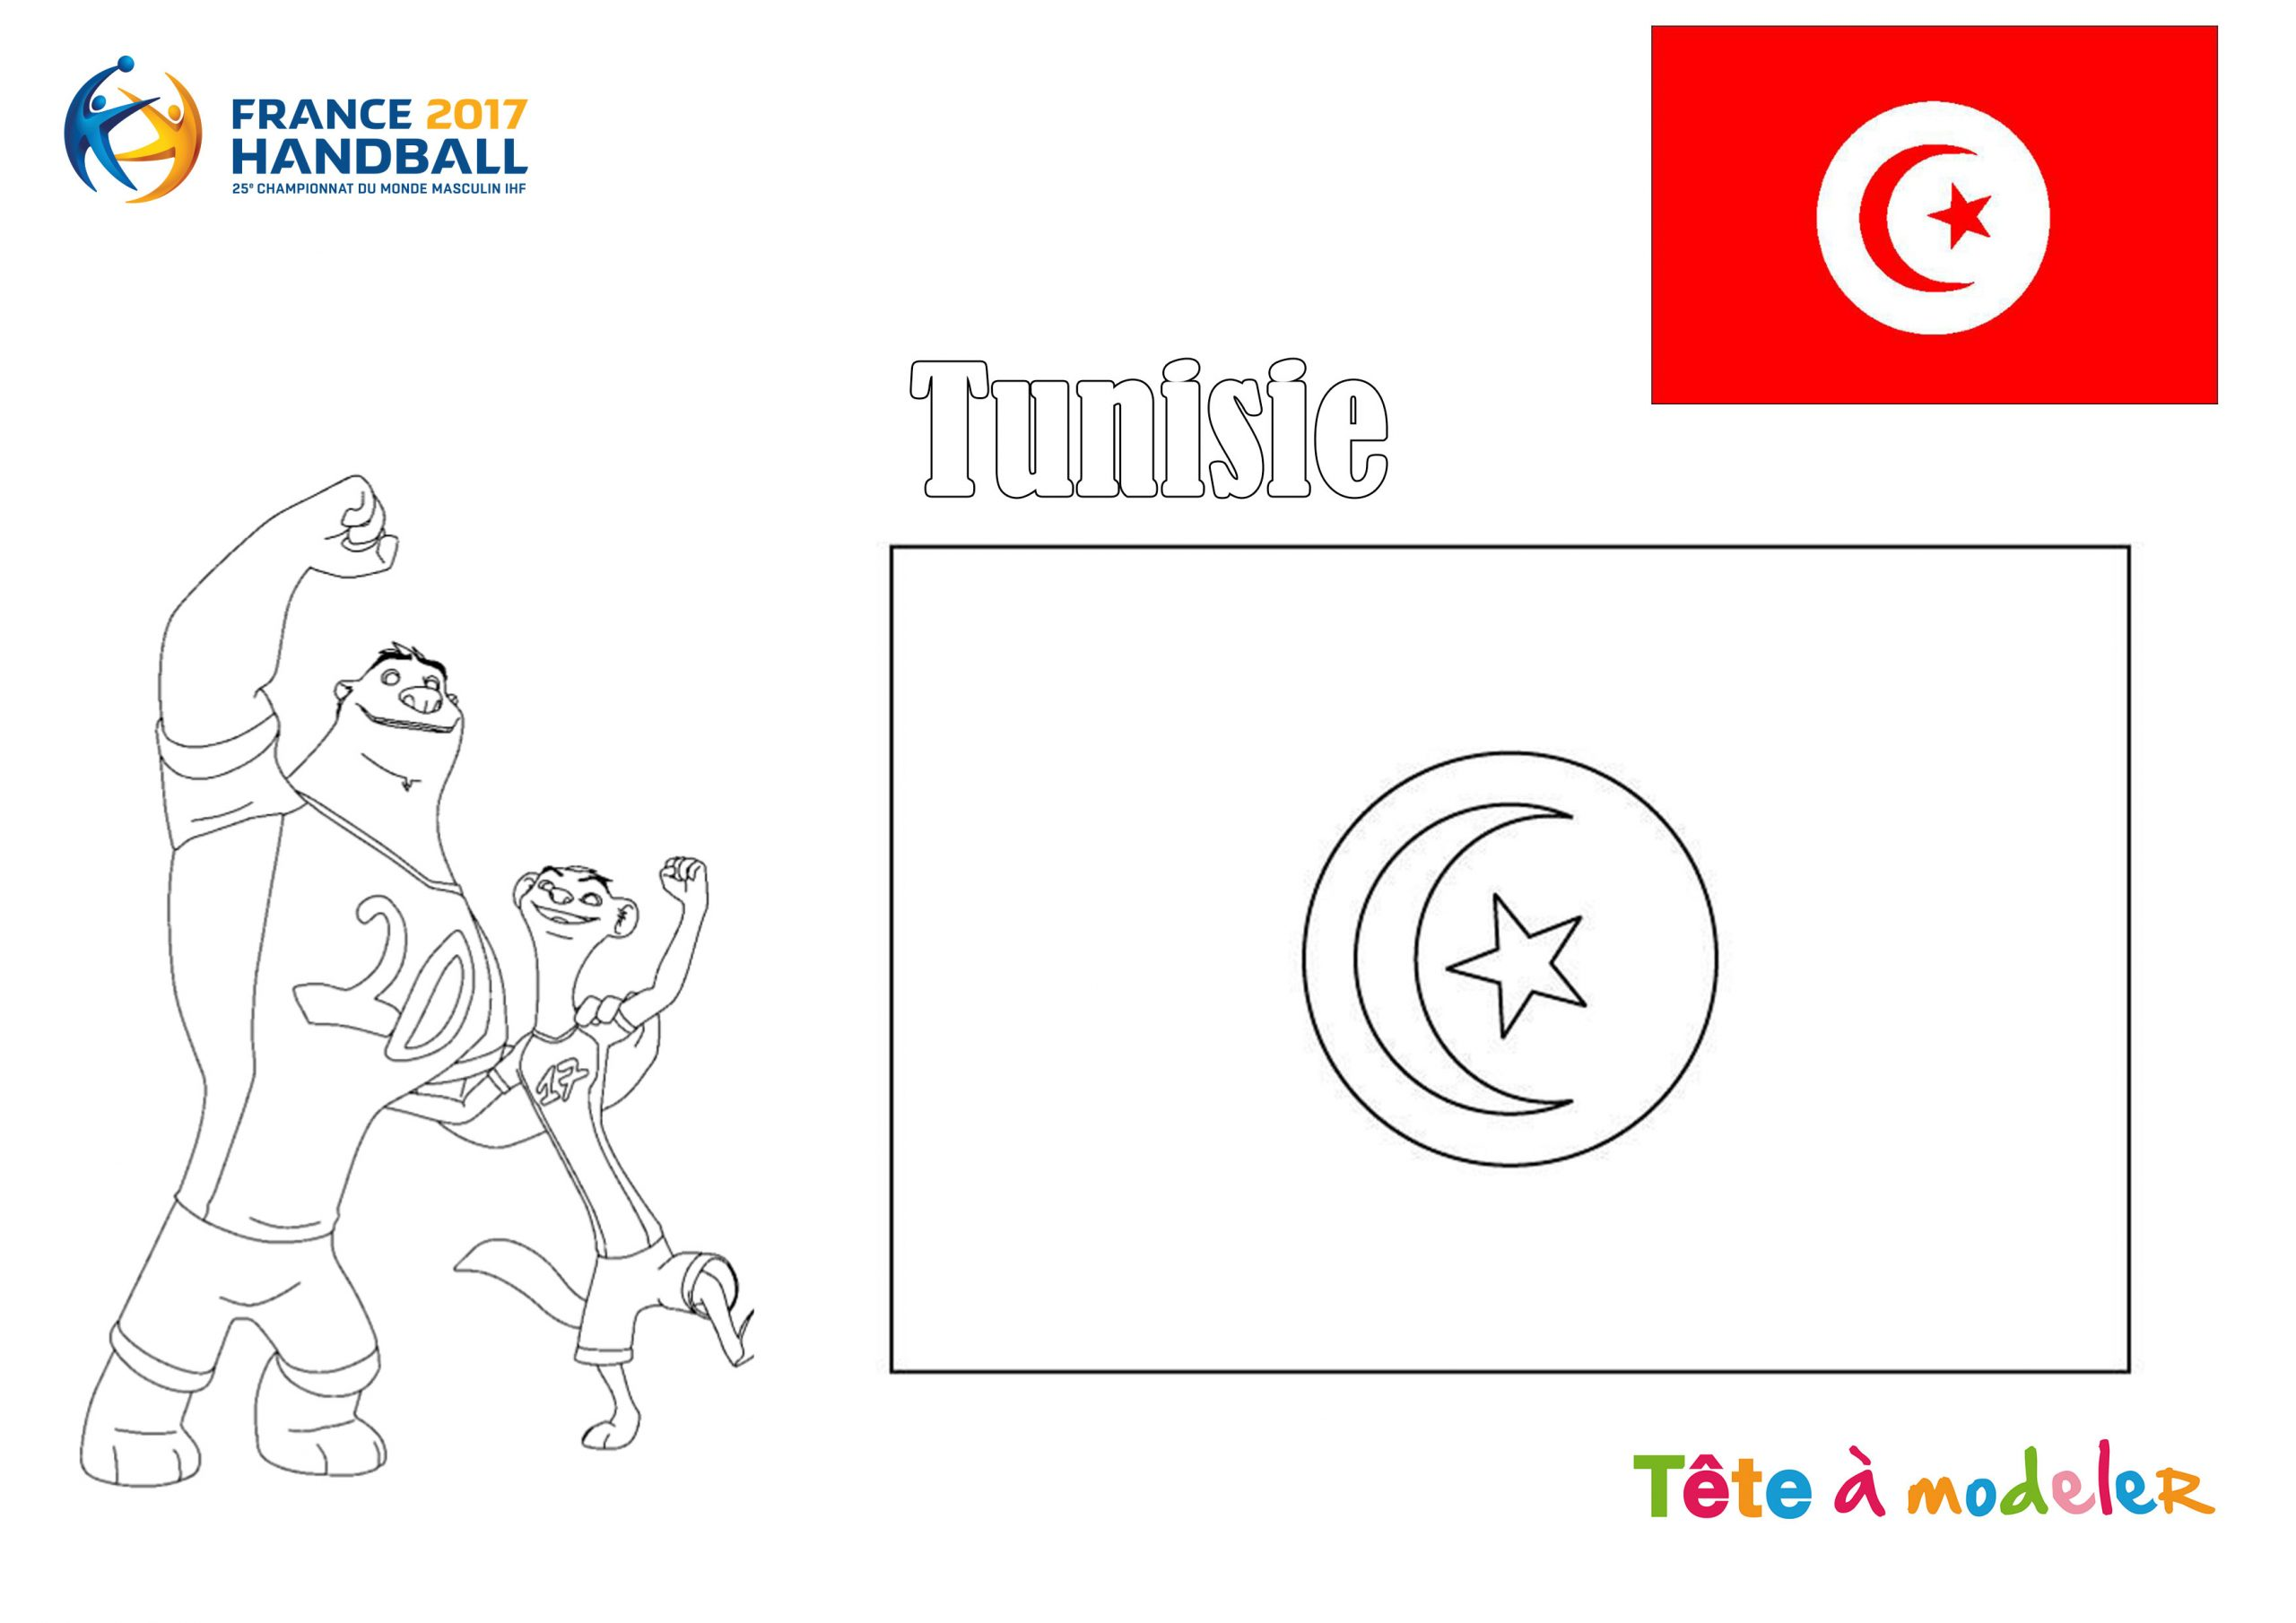 Championnat Du Monde De Handball - Coloriage Tunisie destiné Tous Les Coloriages Du Monde